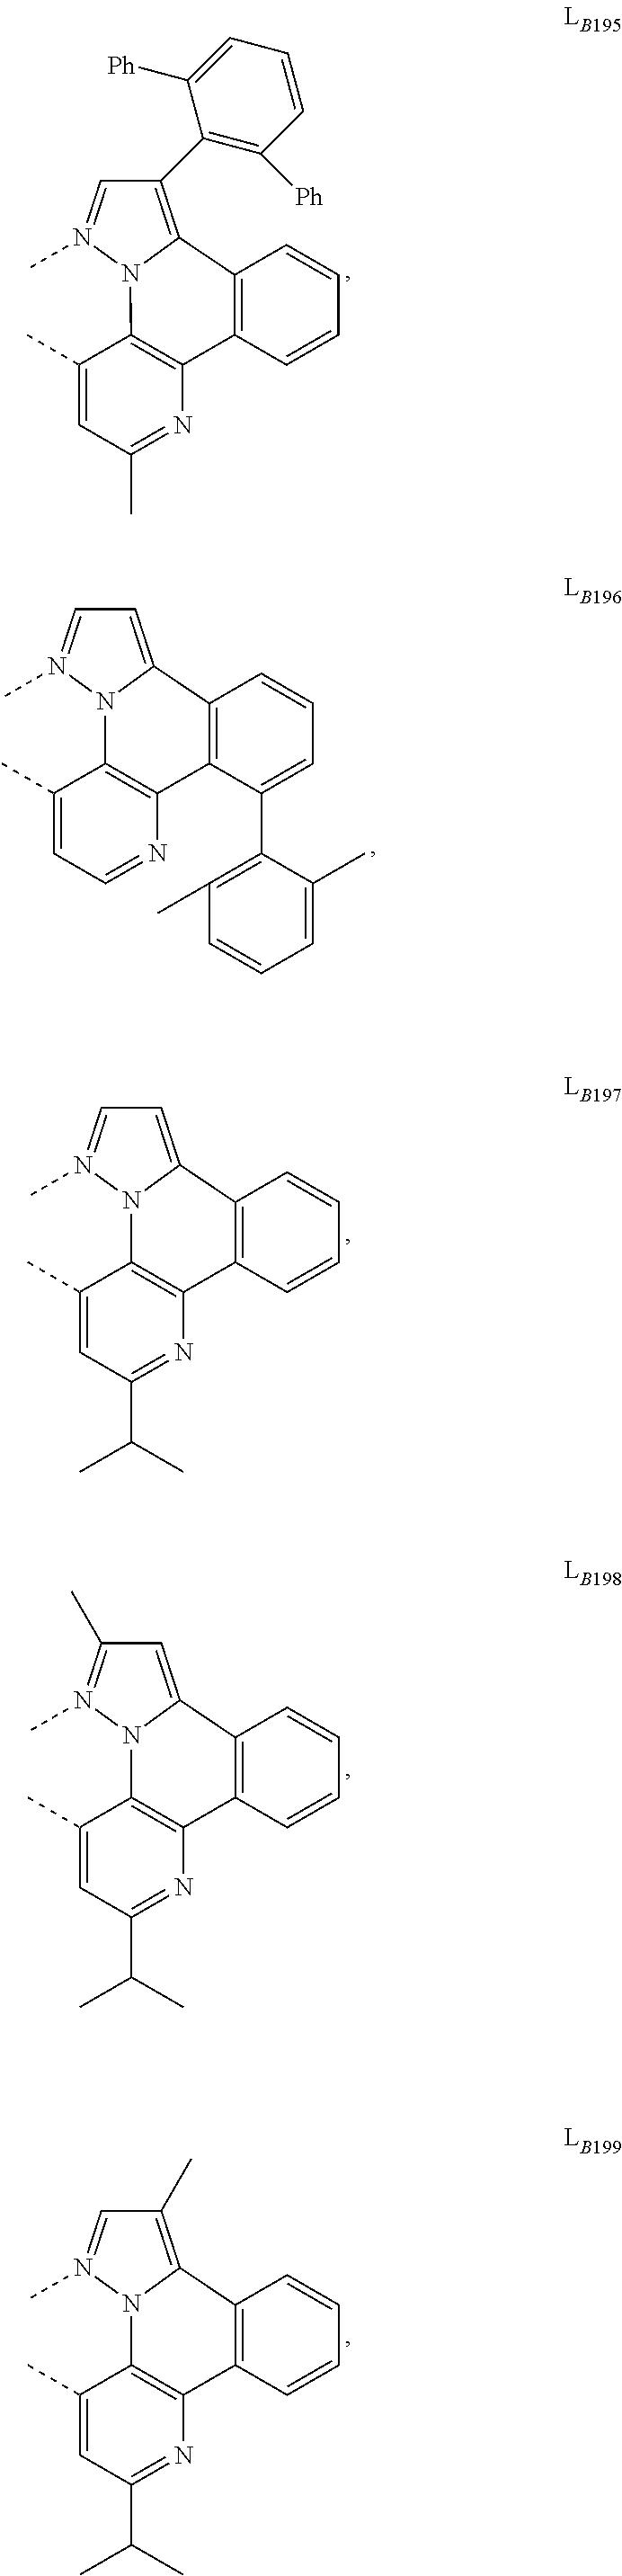 Figure US09905785-20180227-C00148